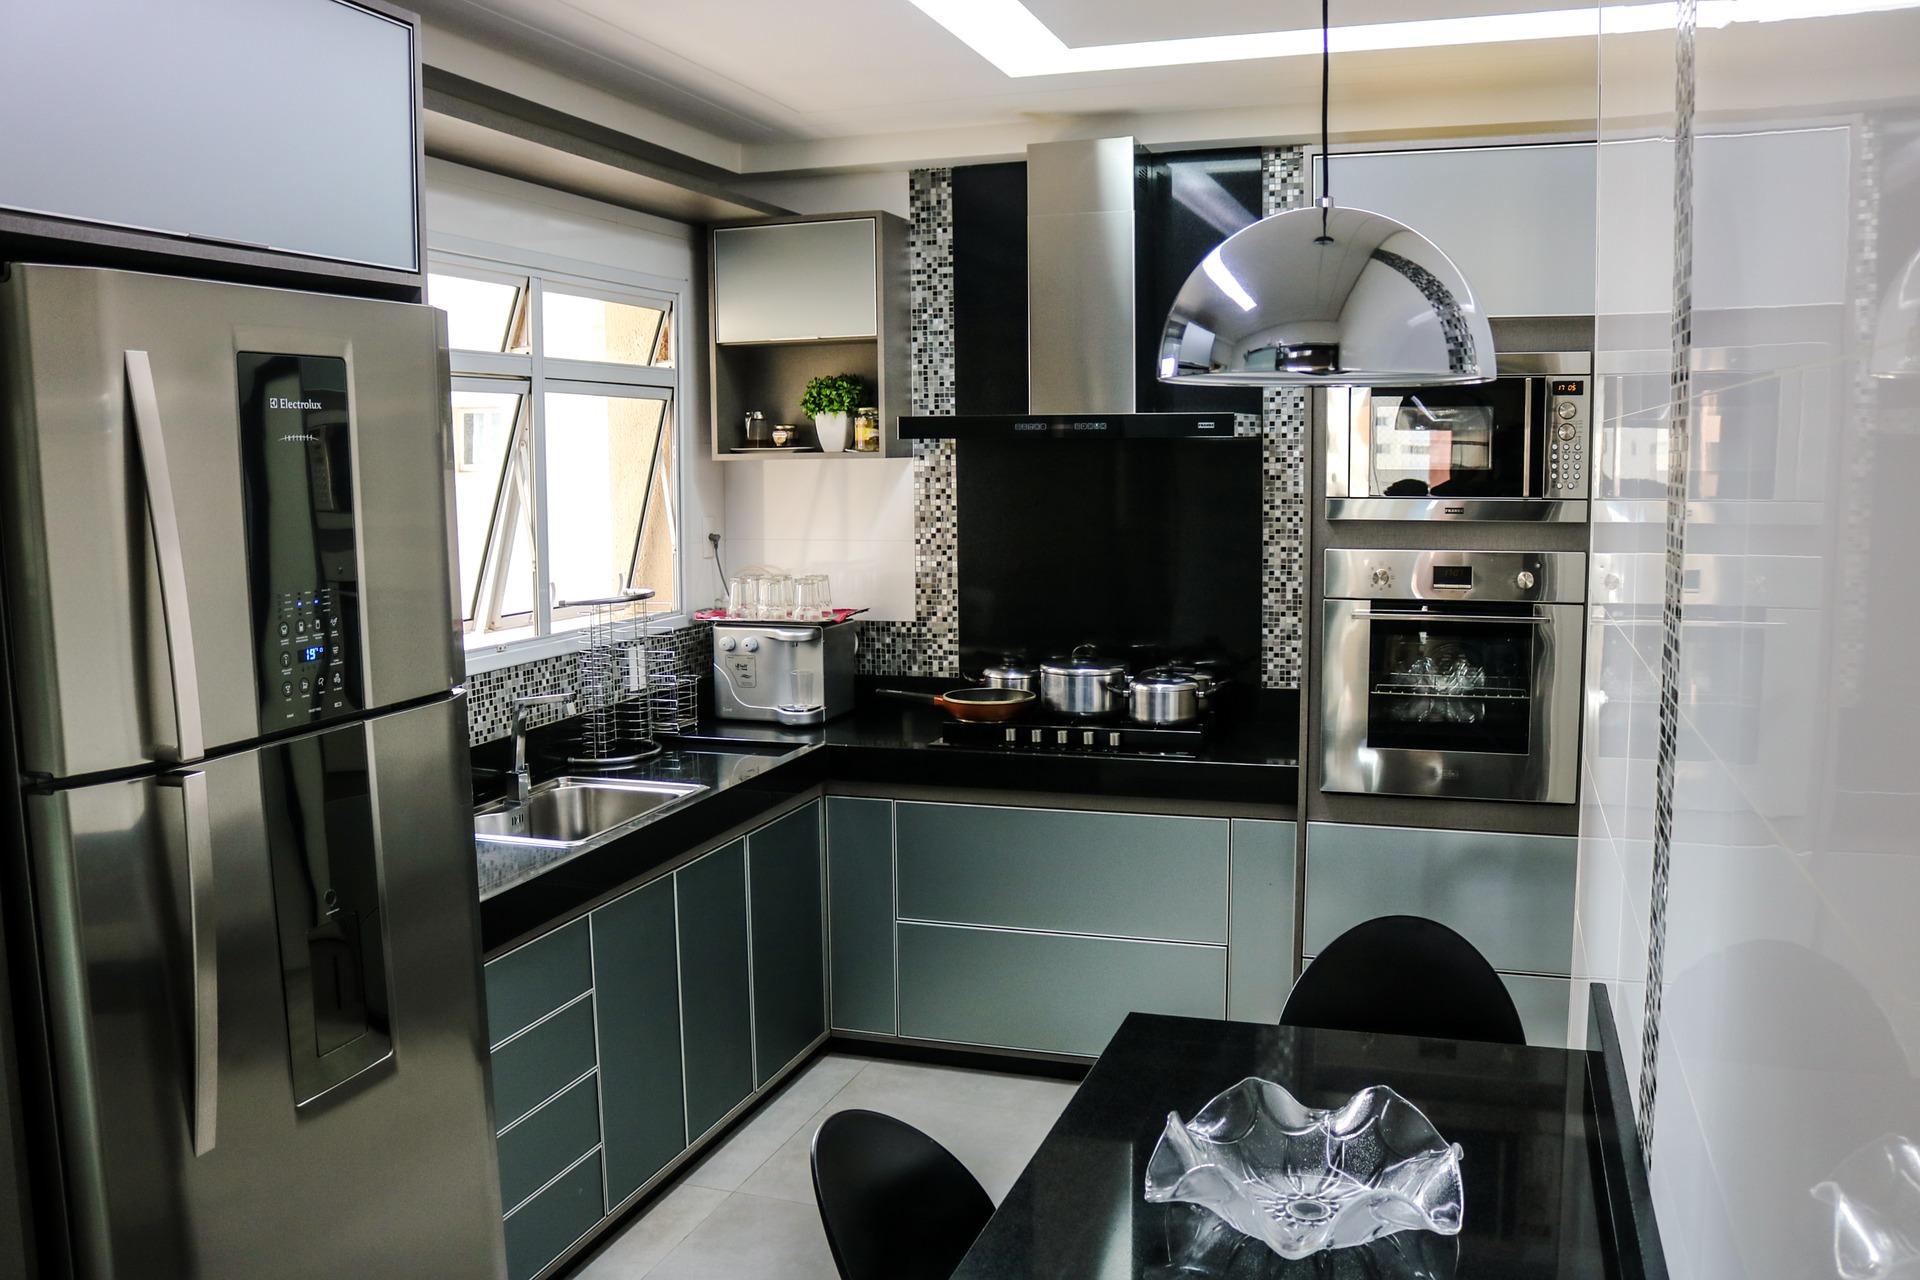 Geladeira Electrolux em cozinha preta com cinza.